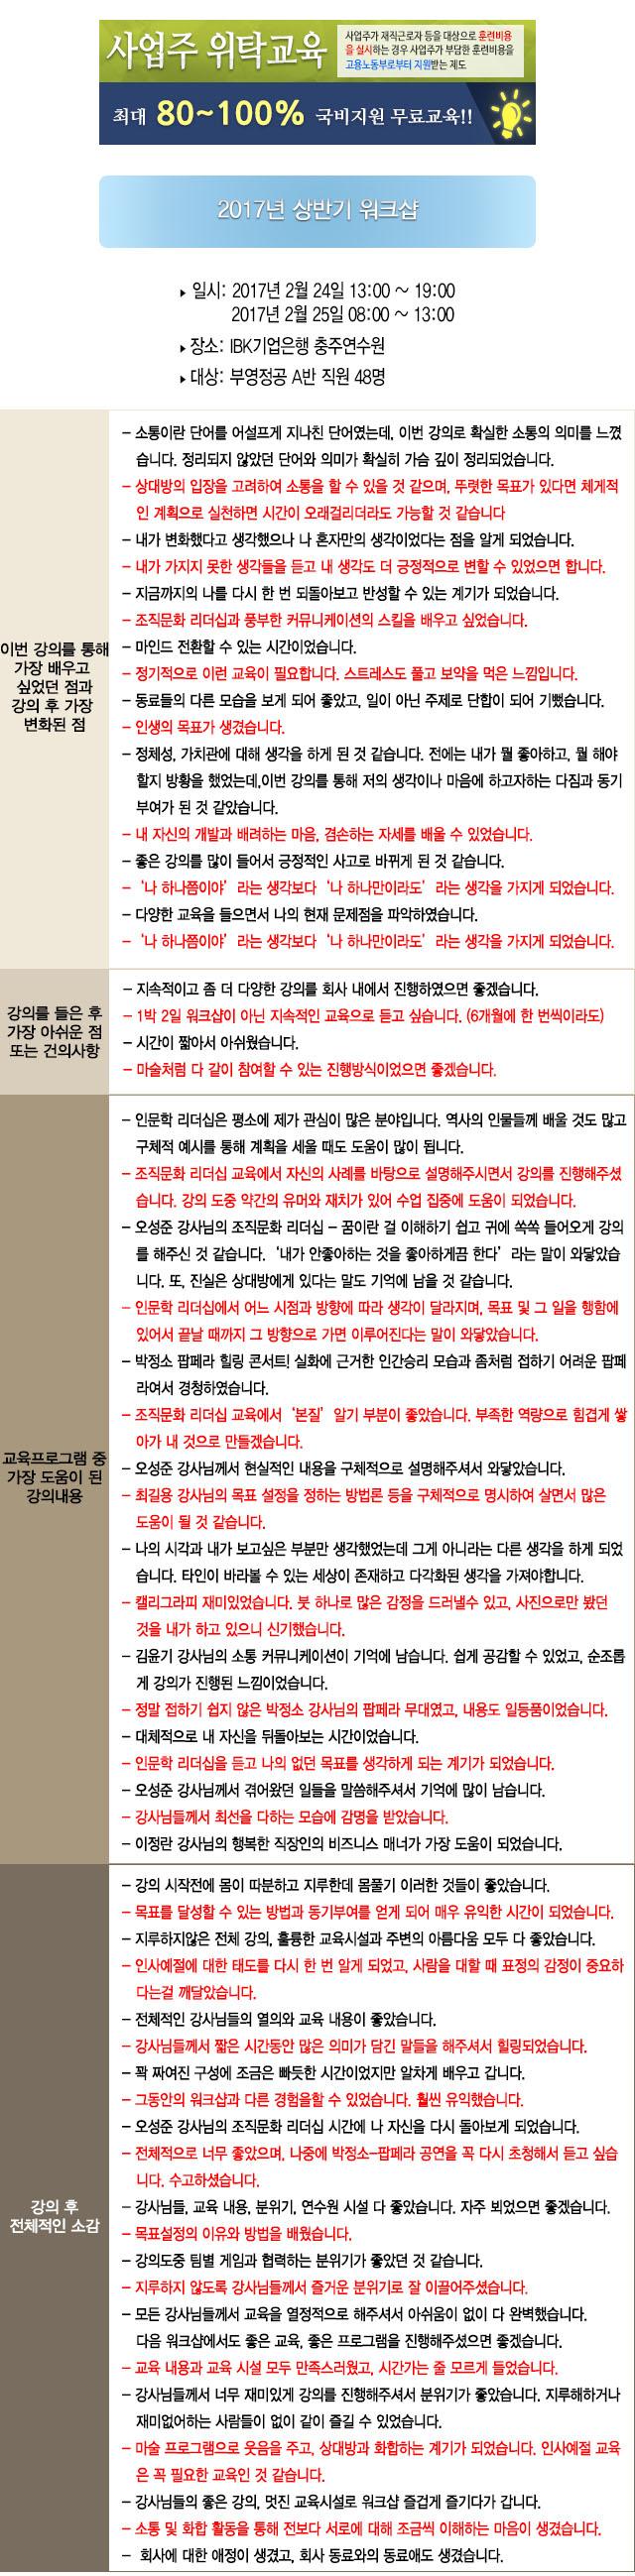 한국중앙인재개발원 후기 부영정공A.jpg